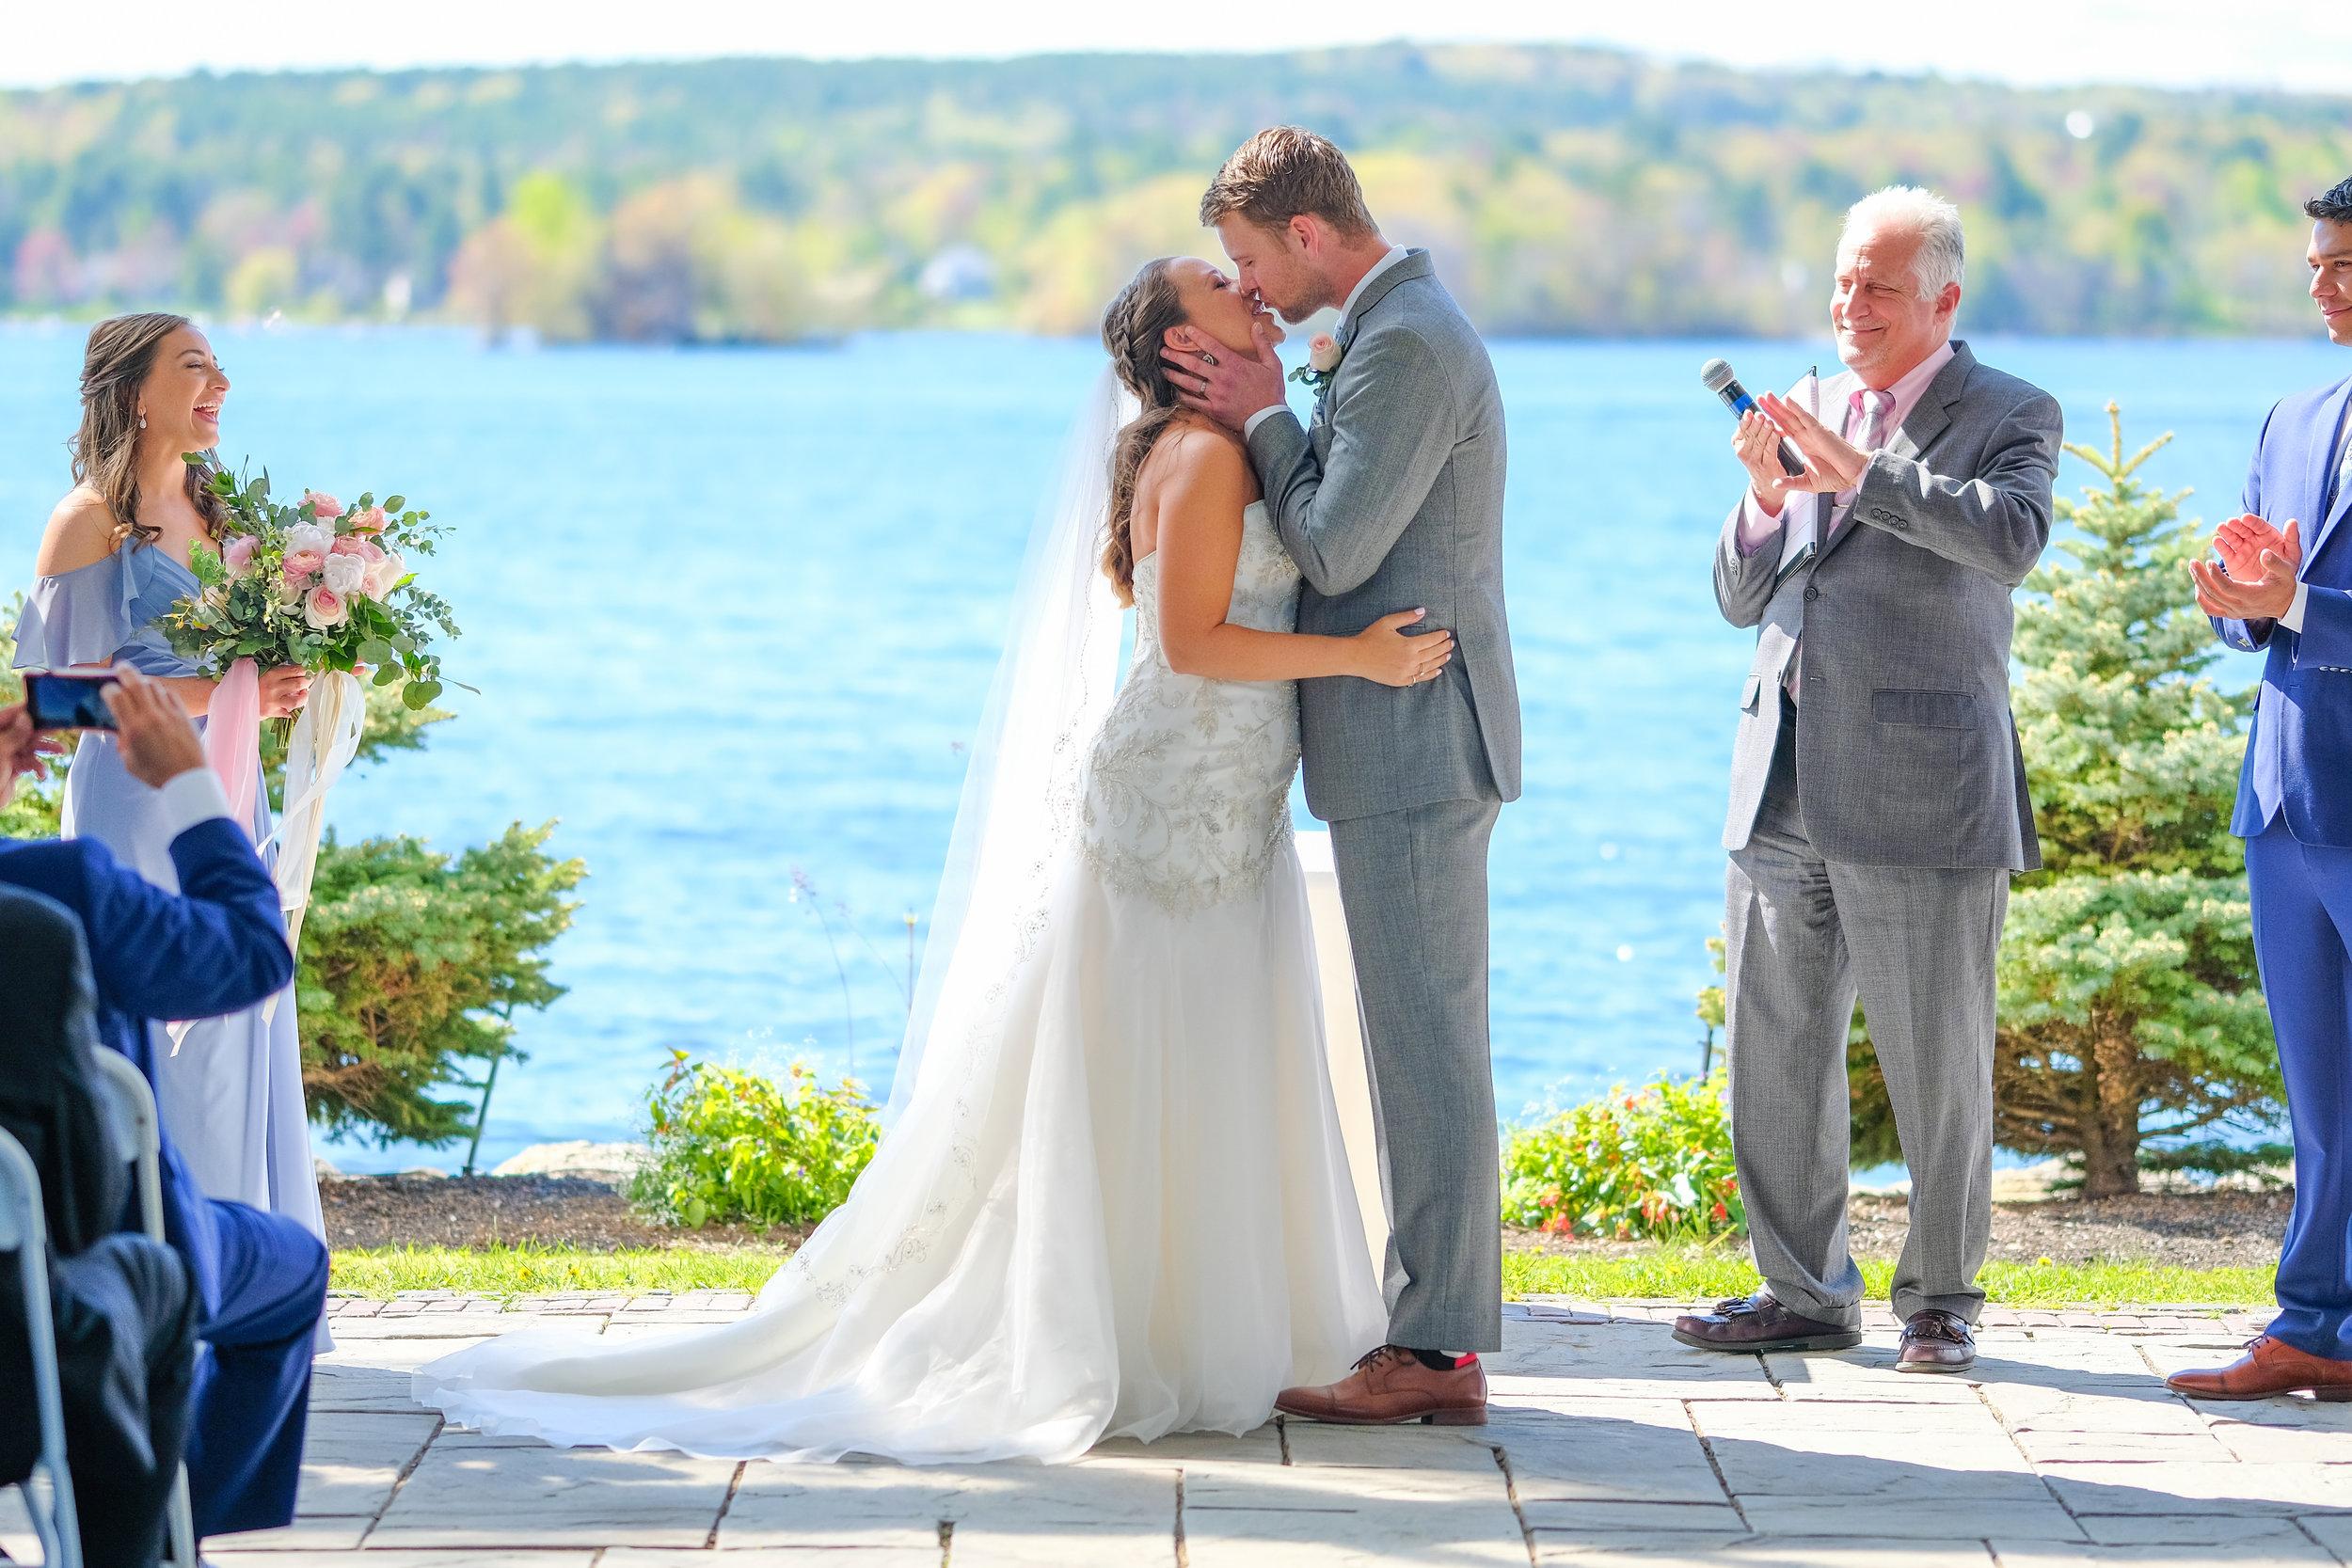 laconia-margate-wedding-photography-329.jpg